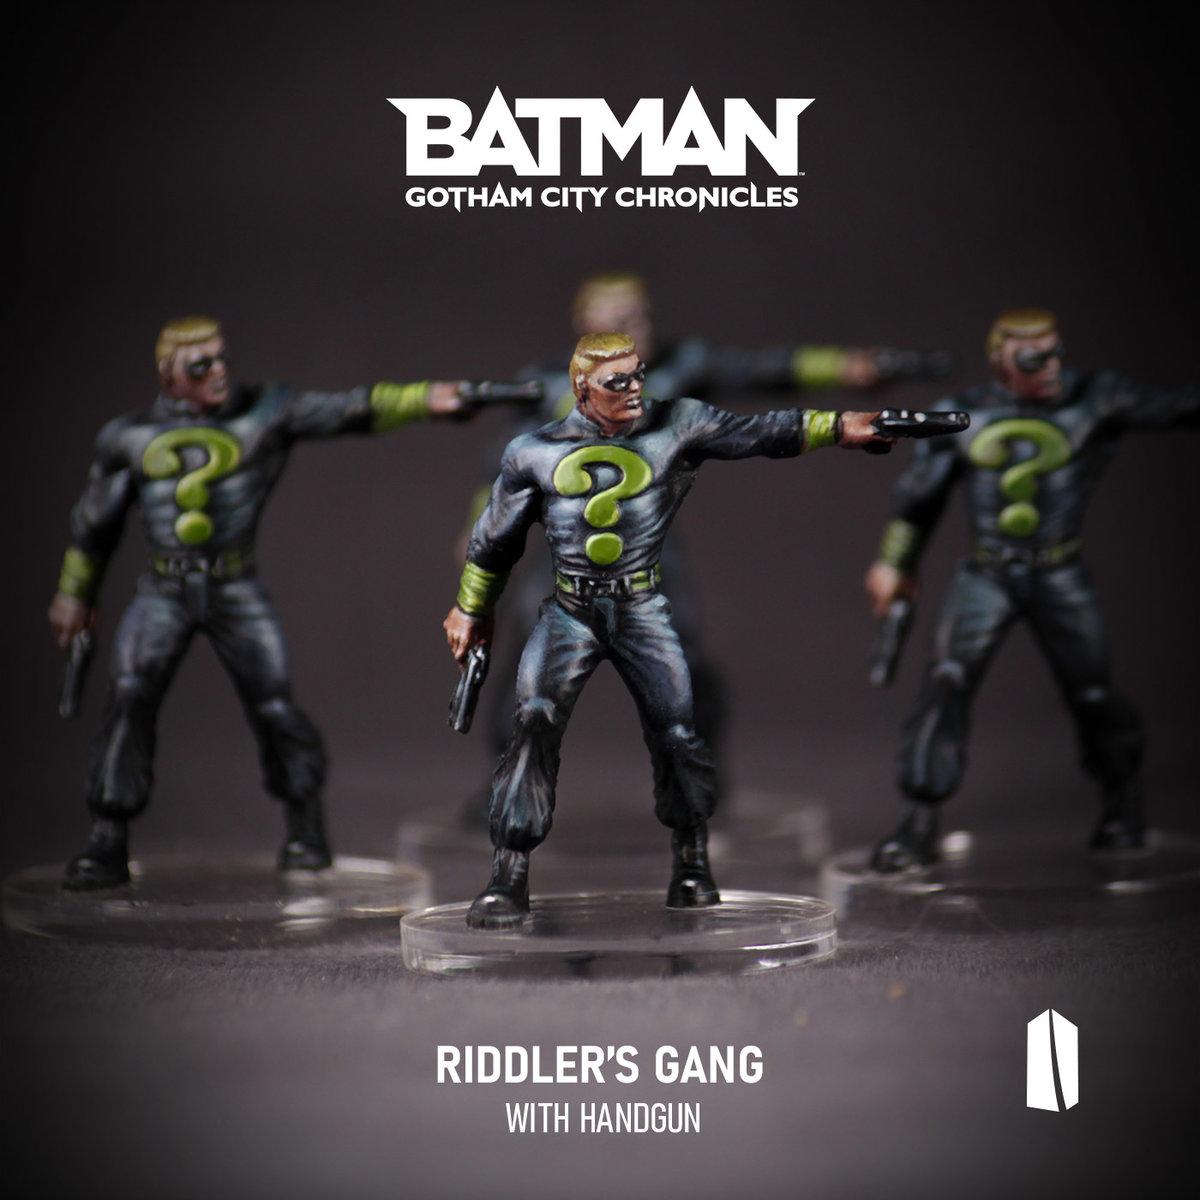 batmanGCC_riddler_gang_handgun_final.jpg